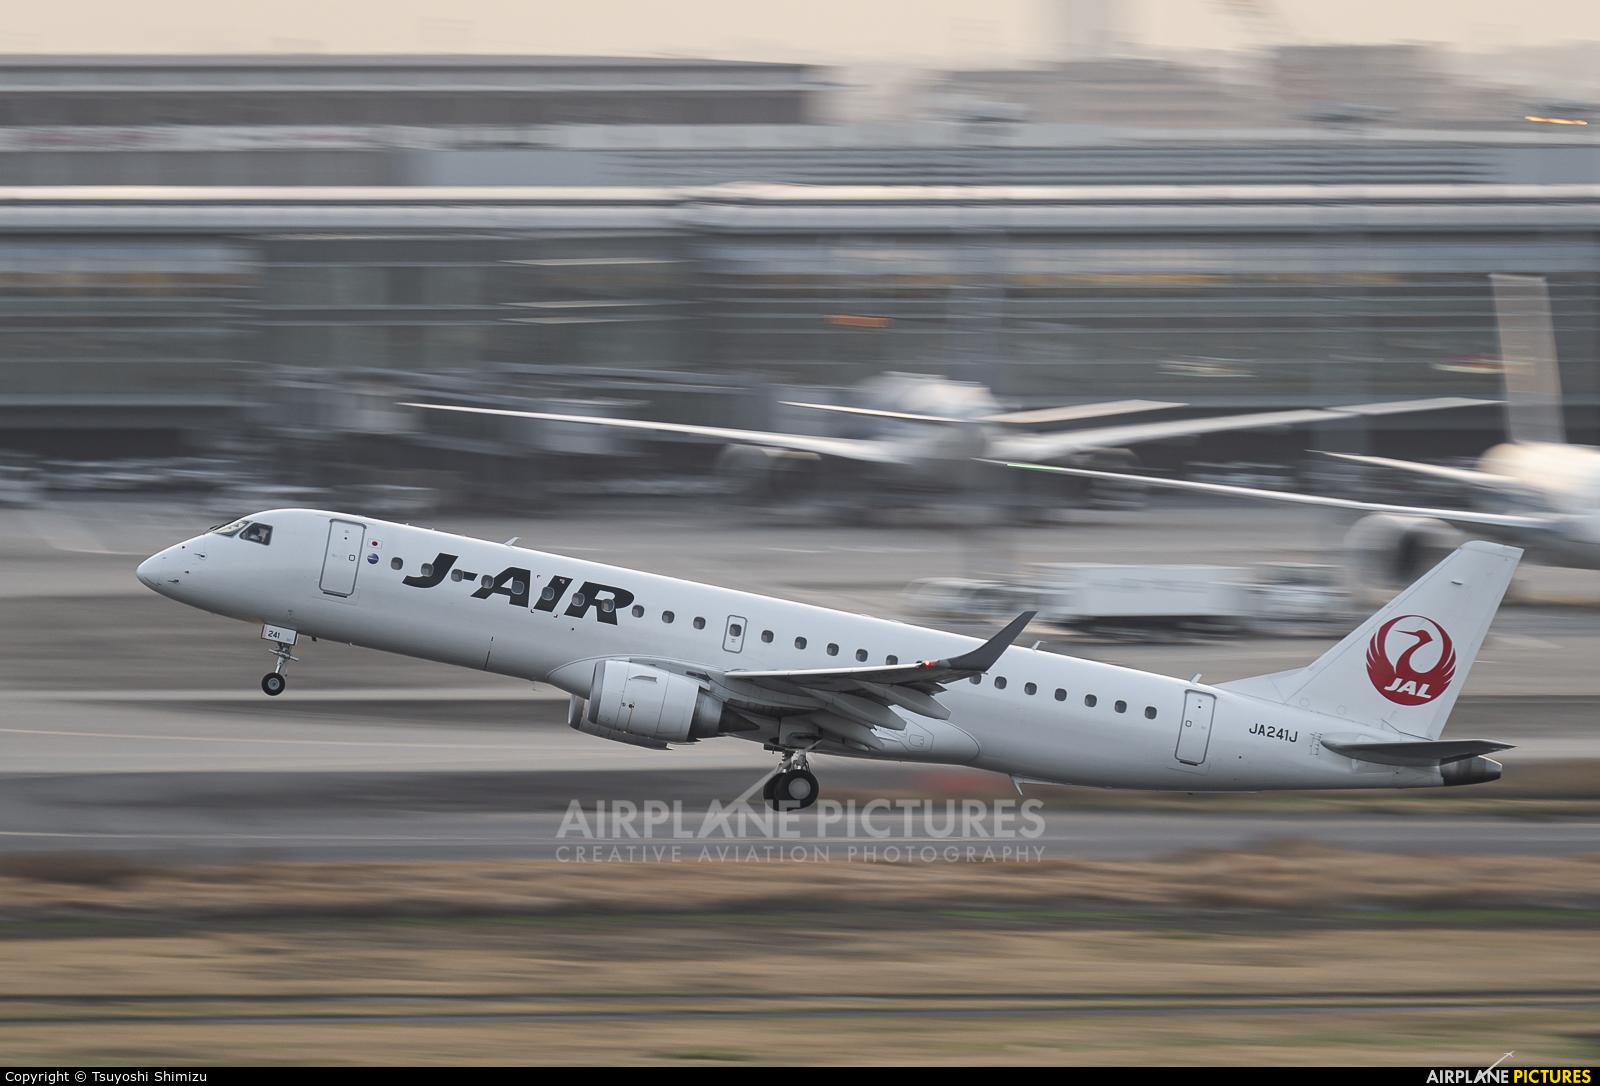 J-Air JA241J aircraft at Tokyo - Haneda Intl